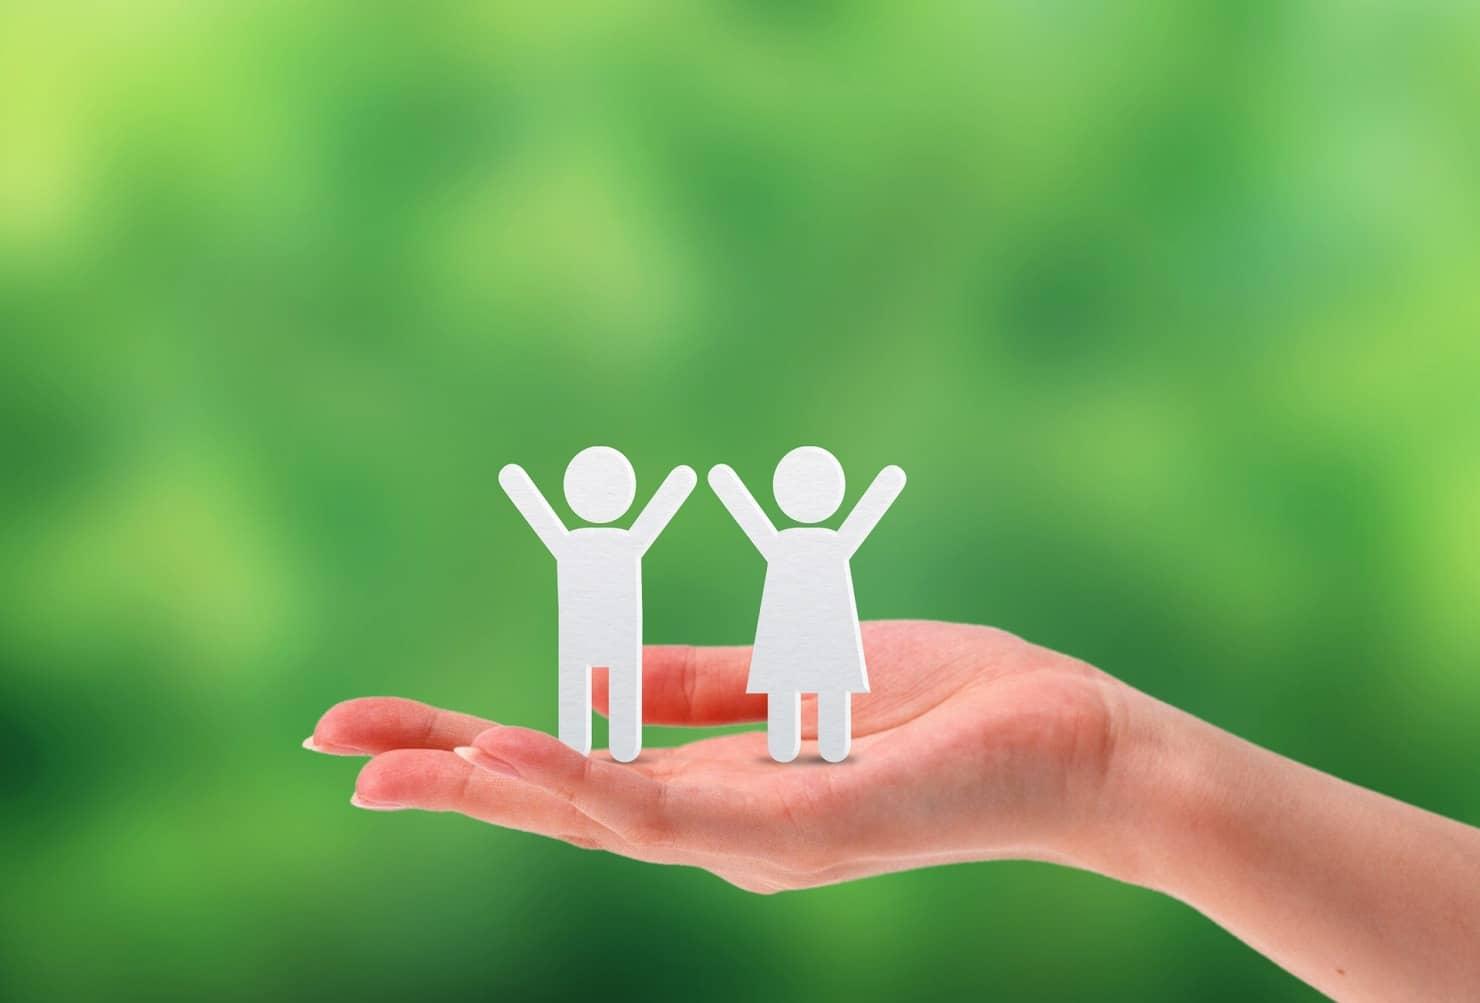 幼稚園教諭と保育士の違いとは? 資格取得の方法、仕事内容や子供との関わり方はどう違う?